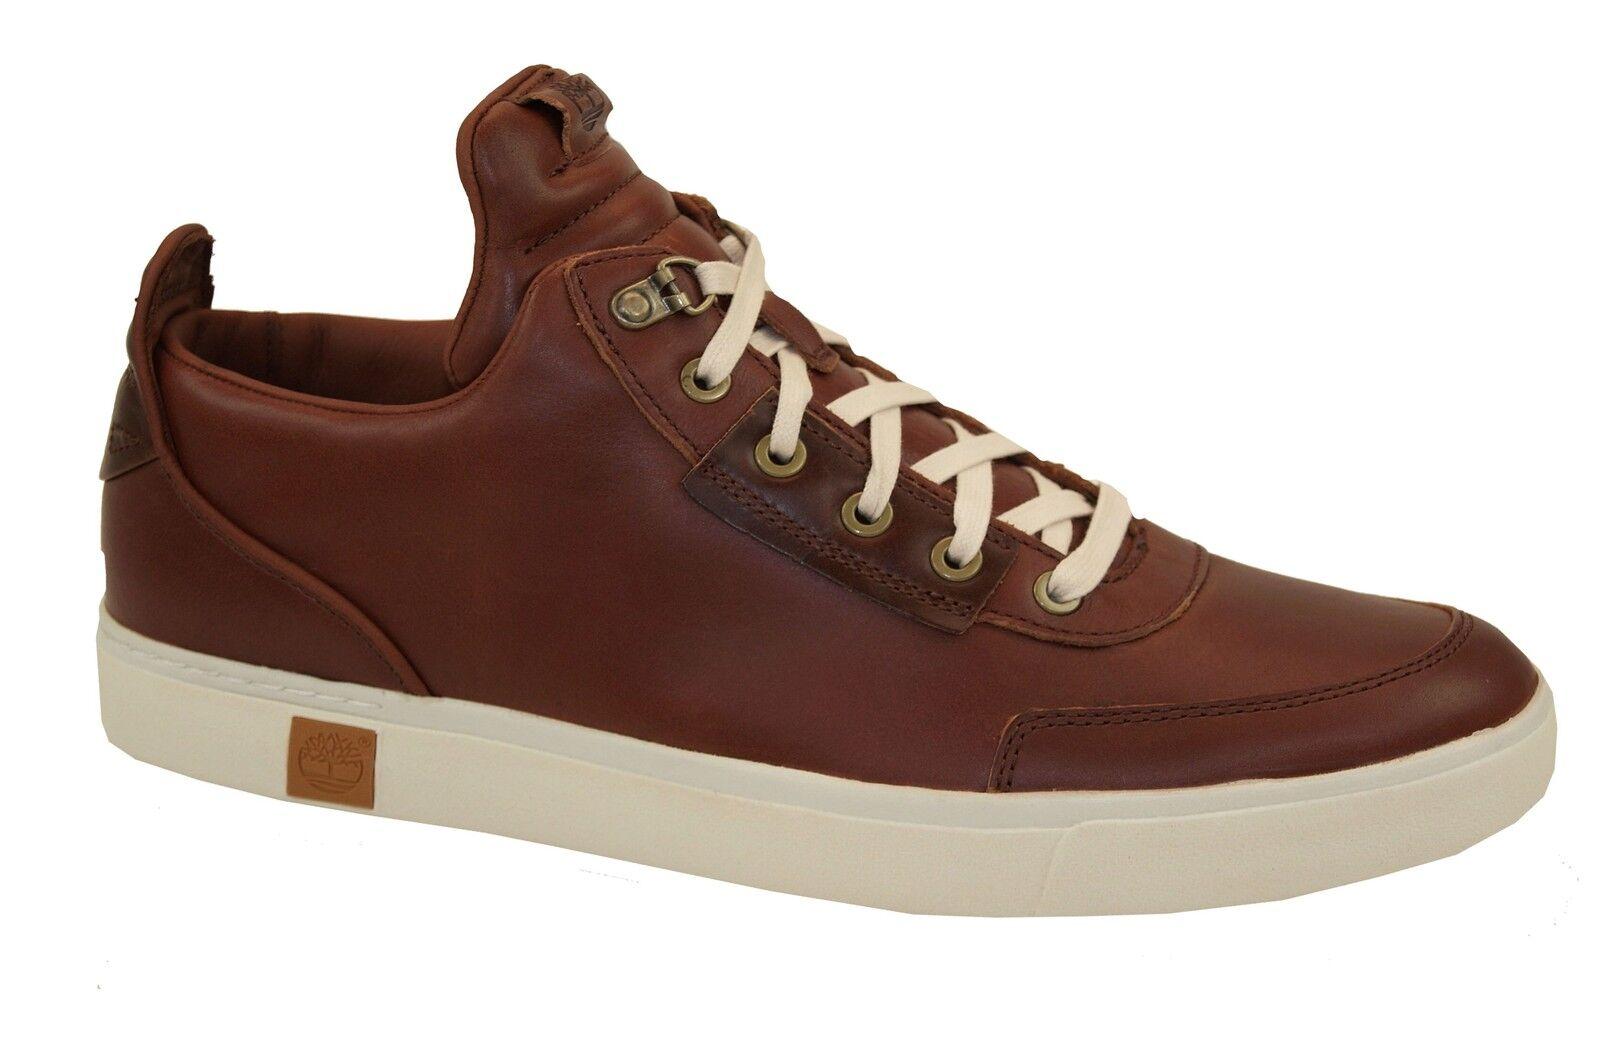 Timberland Amherst Top Alto Chukka stivali scarpe da ginnastica Ultra Leggera Scarpe Uomo | Ad un prezzo accessibile  | Uomo/Donne Scarpa